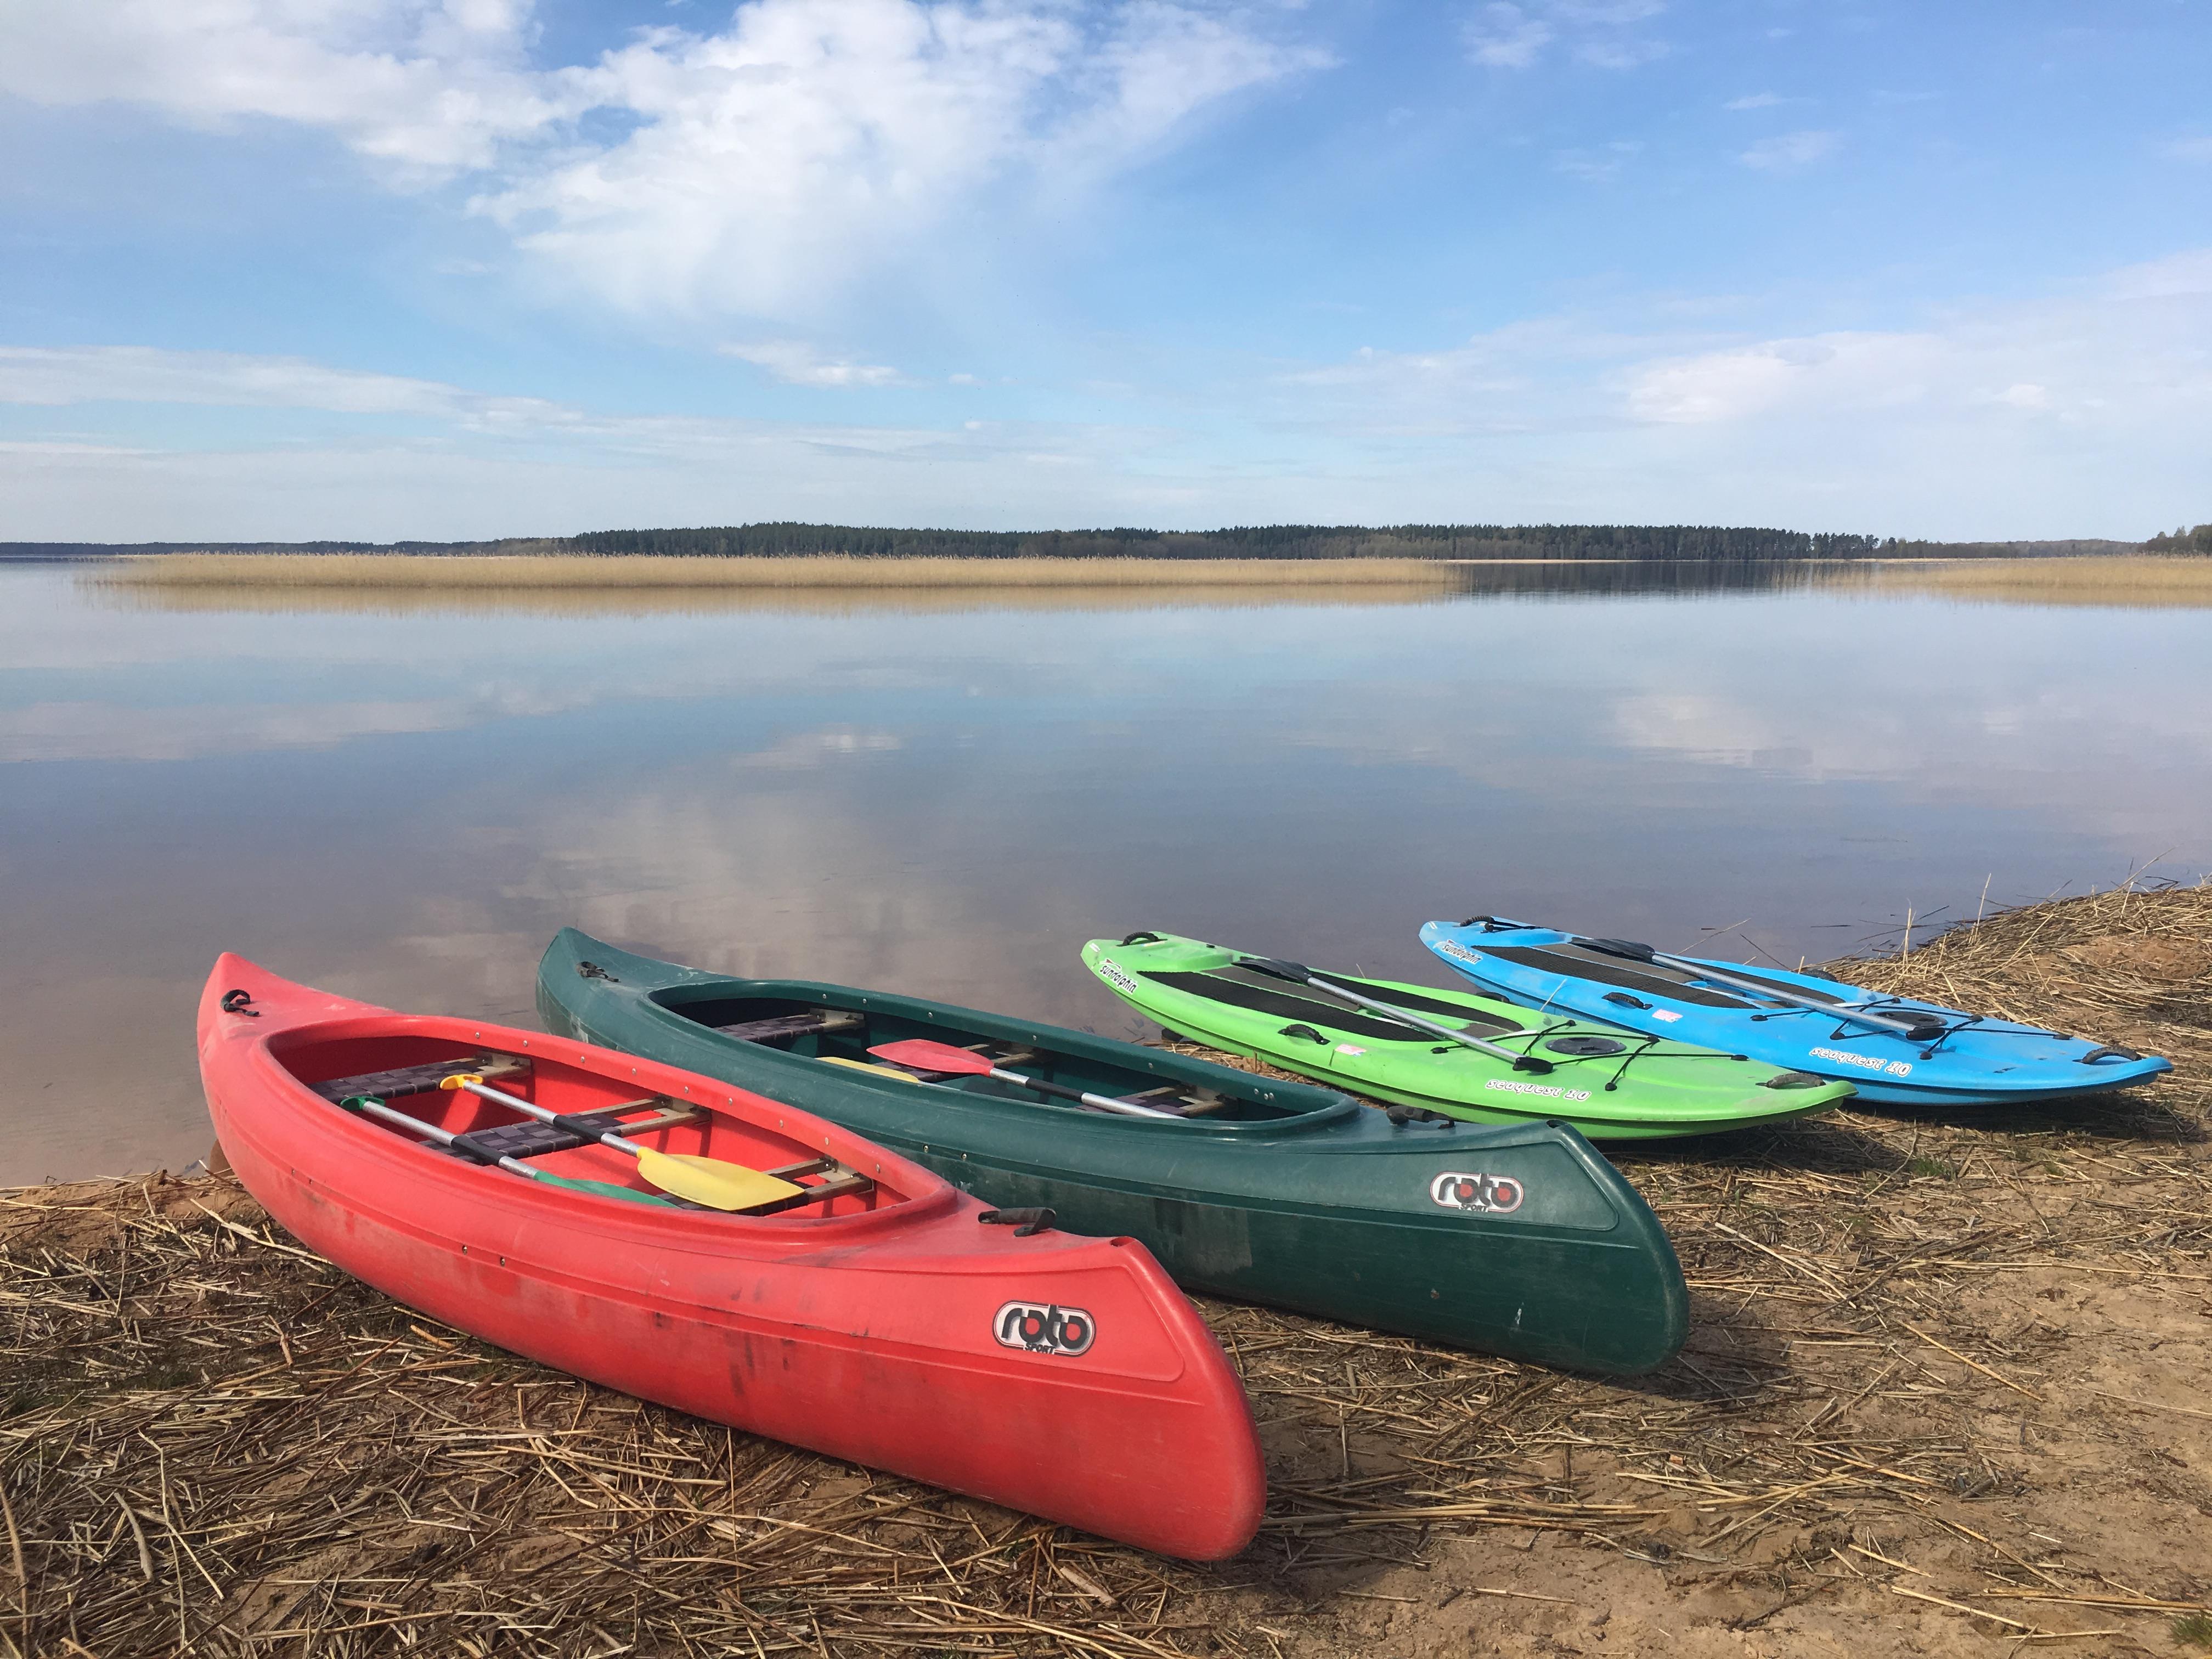 (Latvian) Jaunums šogad SUP dēļi un kanoe